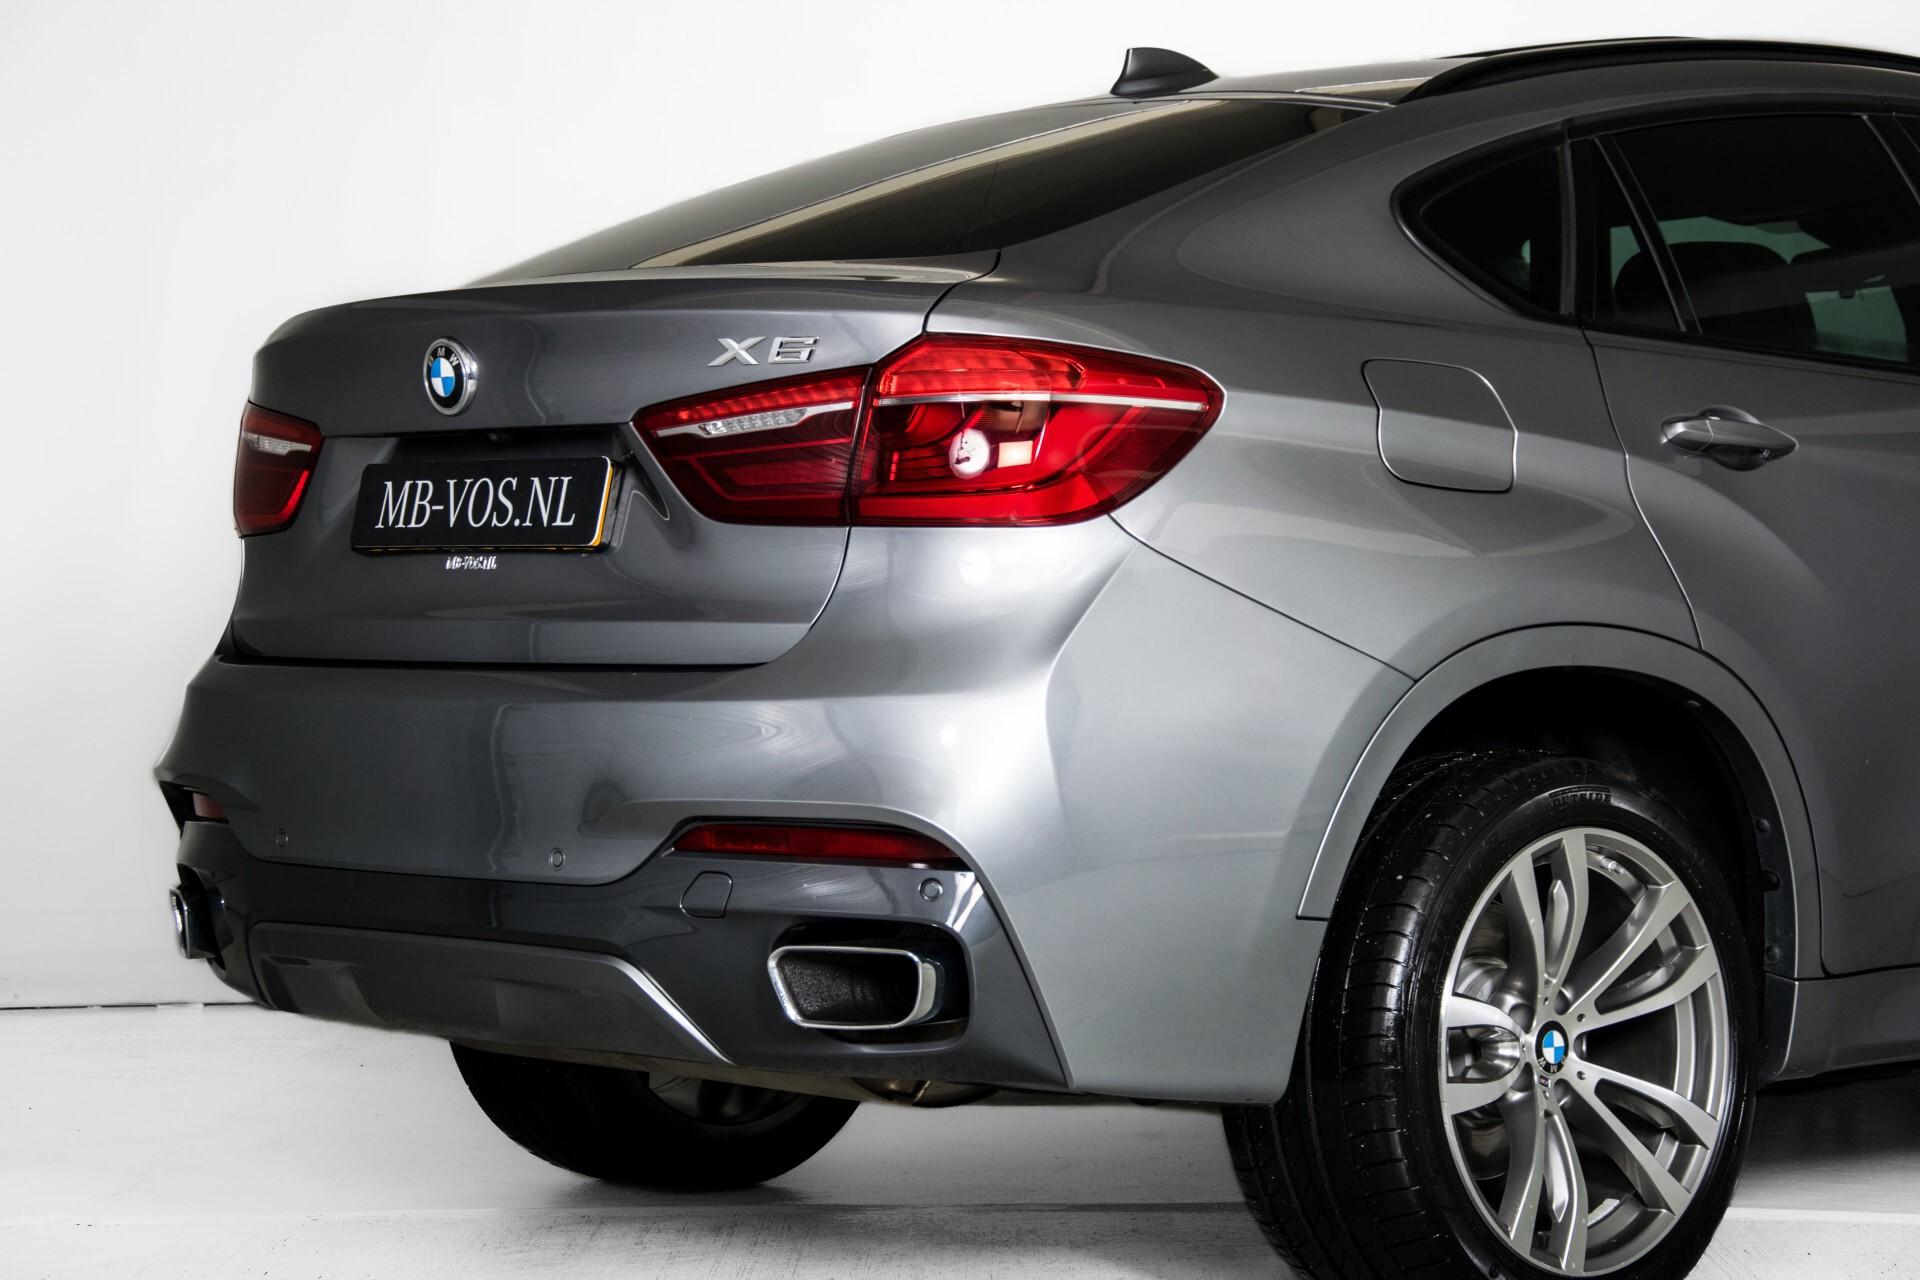 BMW X6 xDrive 40d M-sport Full Options Aut8 Foto 56